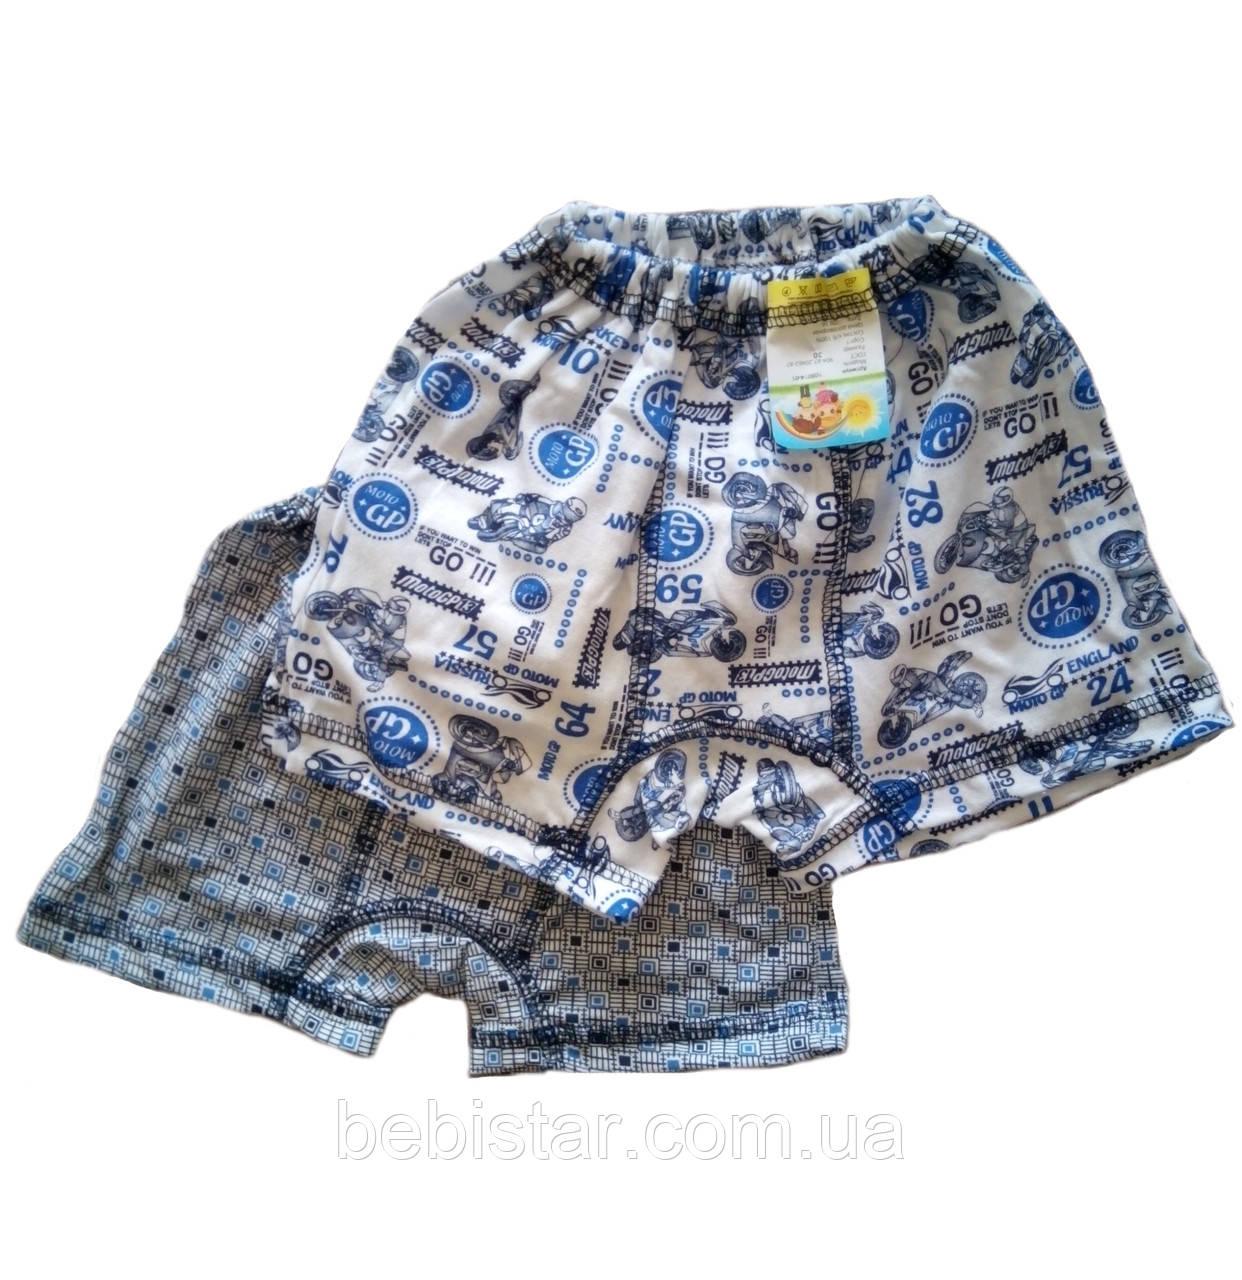 Трусы-шорты для мальчика 2-2,5 года мотоспорт 2 шт в упаковке